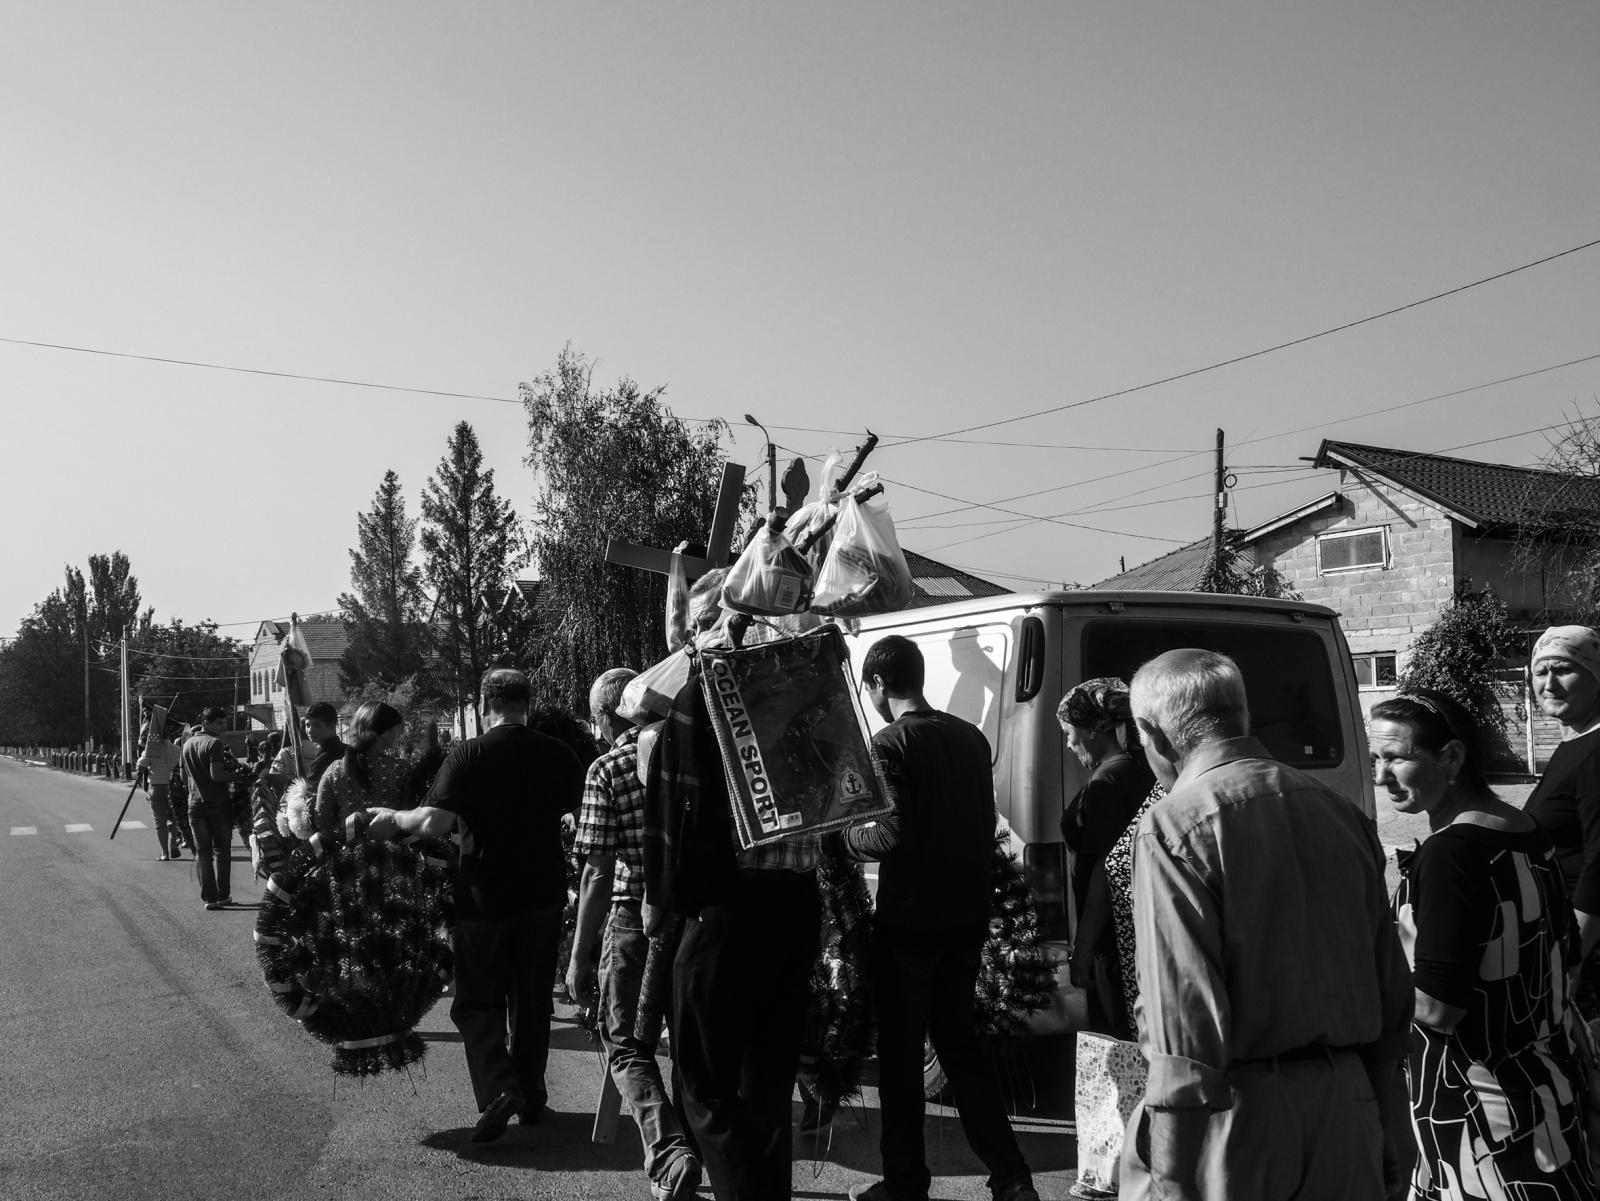 A SAD DAY IN MOLDOVA - SEPTEMBER  2014